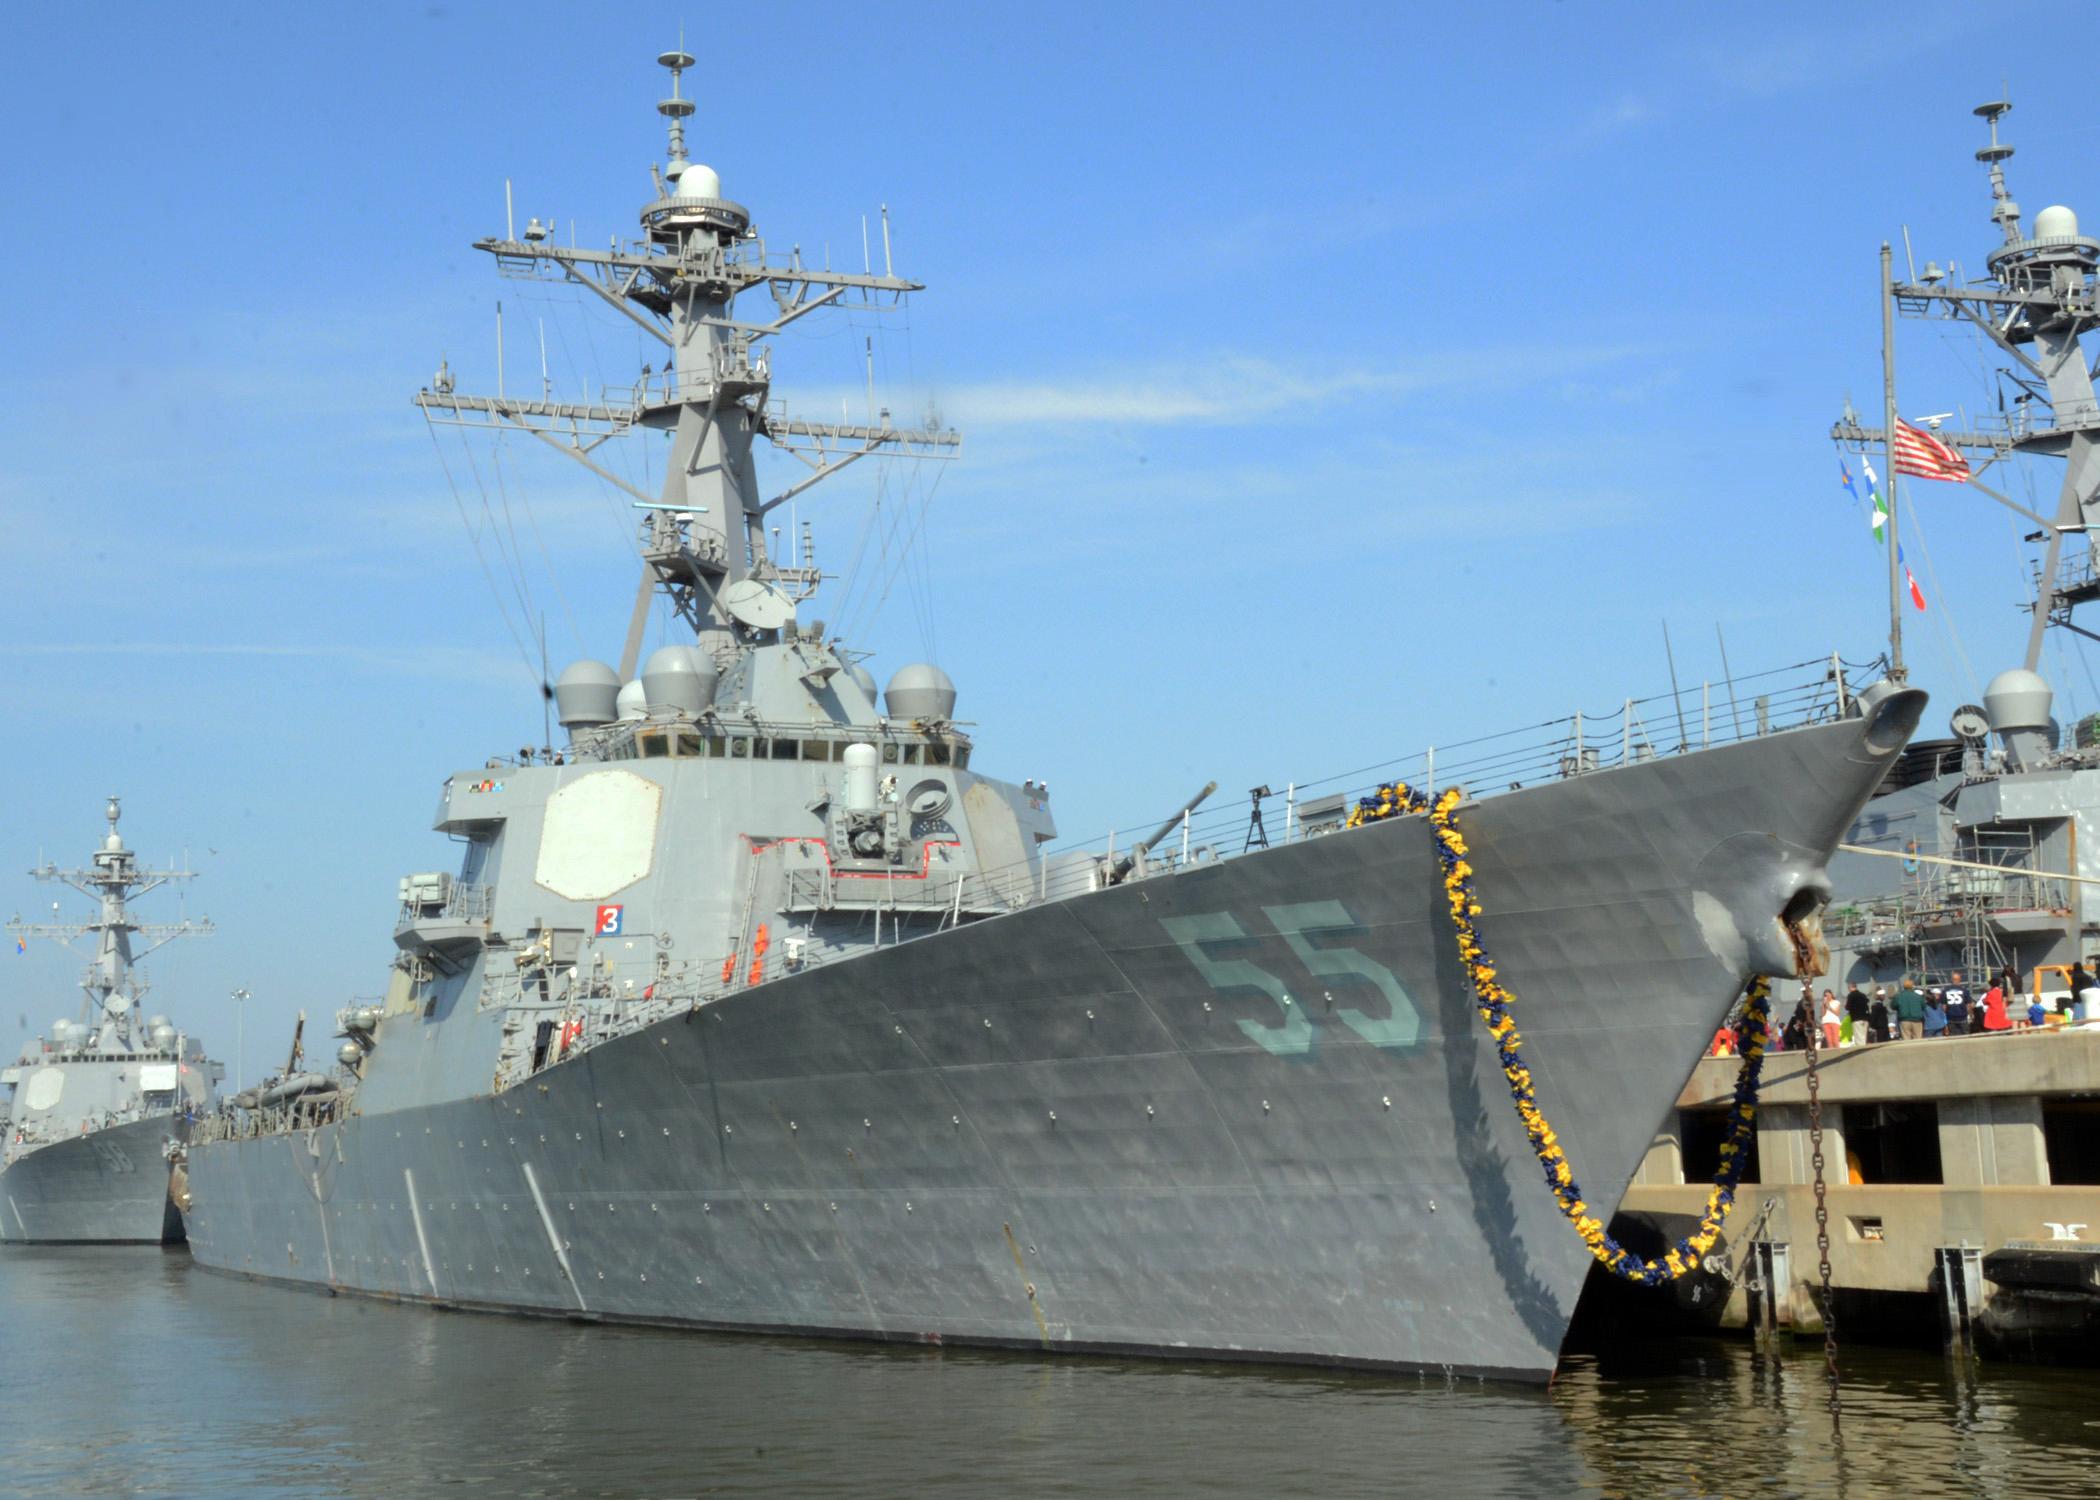 USS STOUT DDG-55 Einlaufen Norfolk 04.04.2014 Bild: U.S. Navy